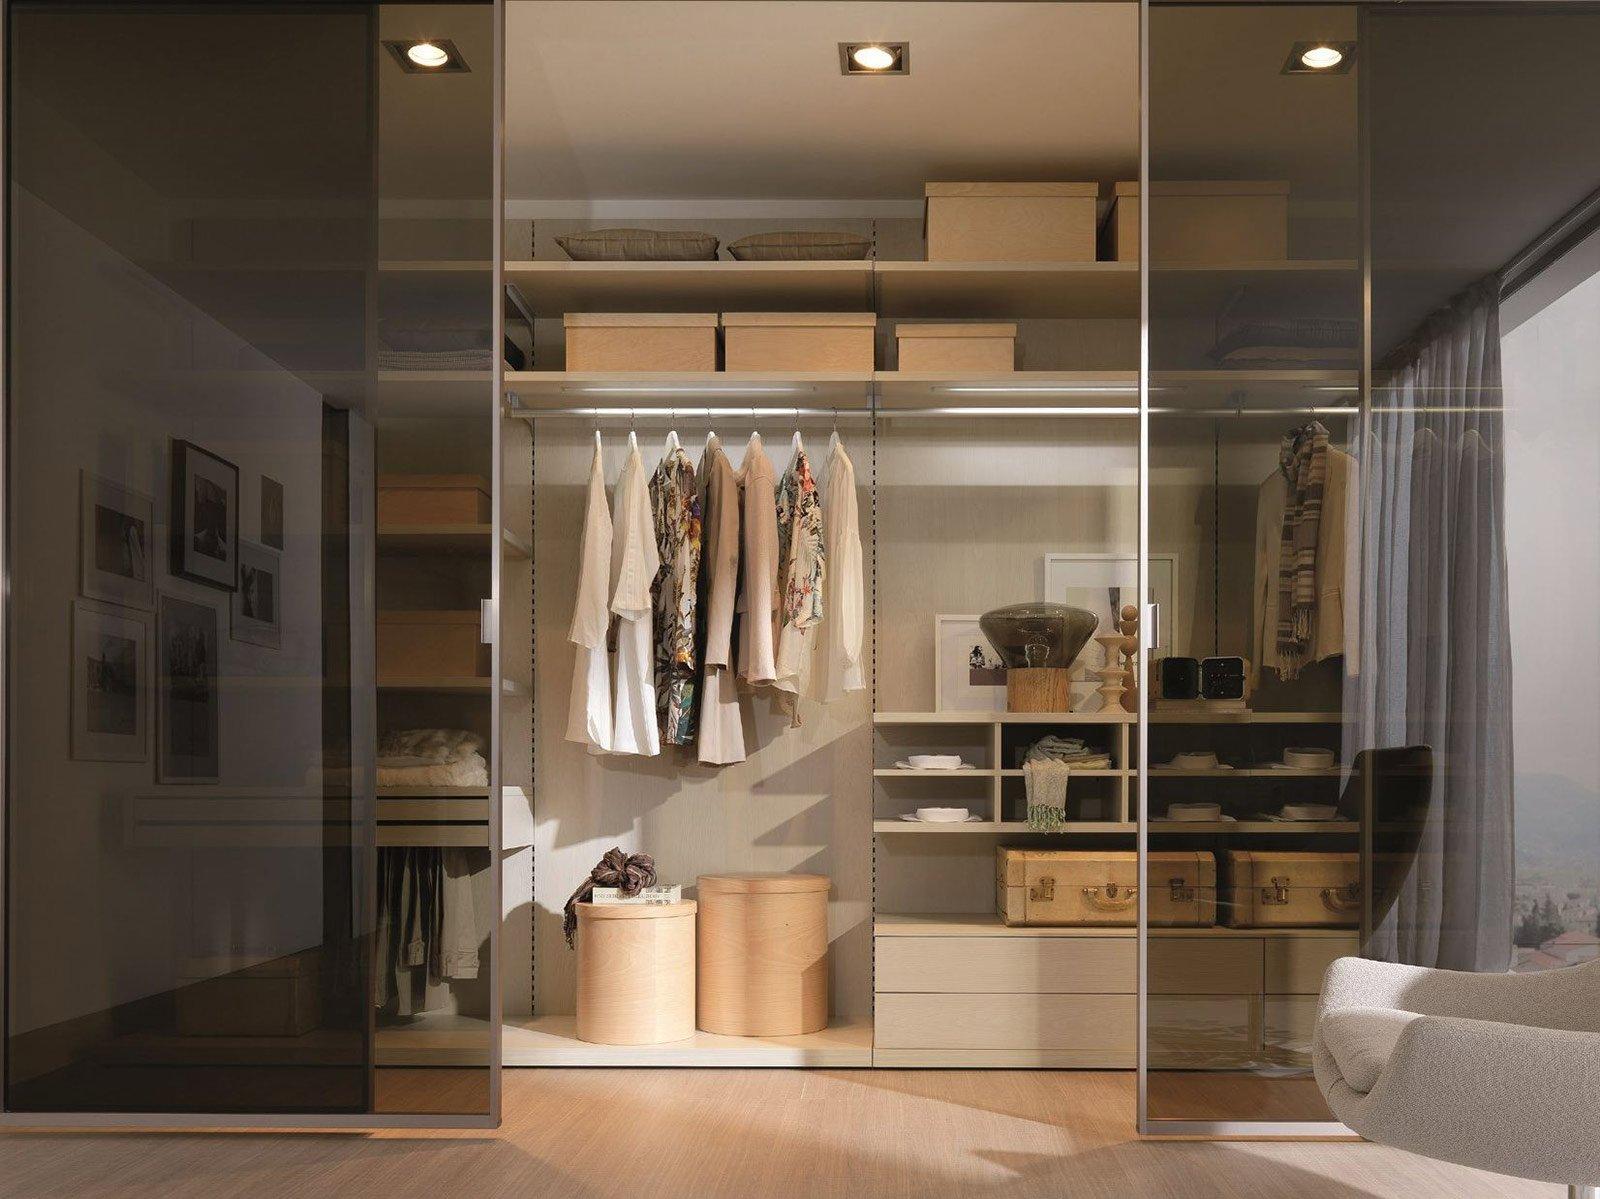 Cabine armadio progettiamo insieme lo spazio cose di casa - Chiudere una finestra di casa ...